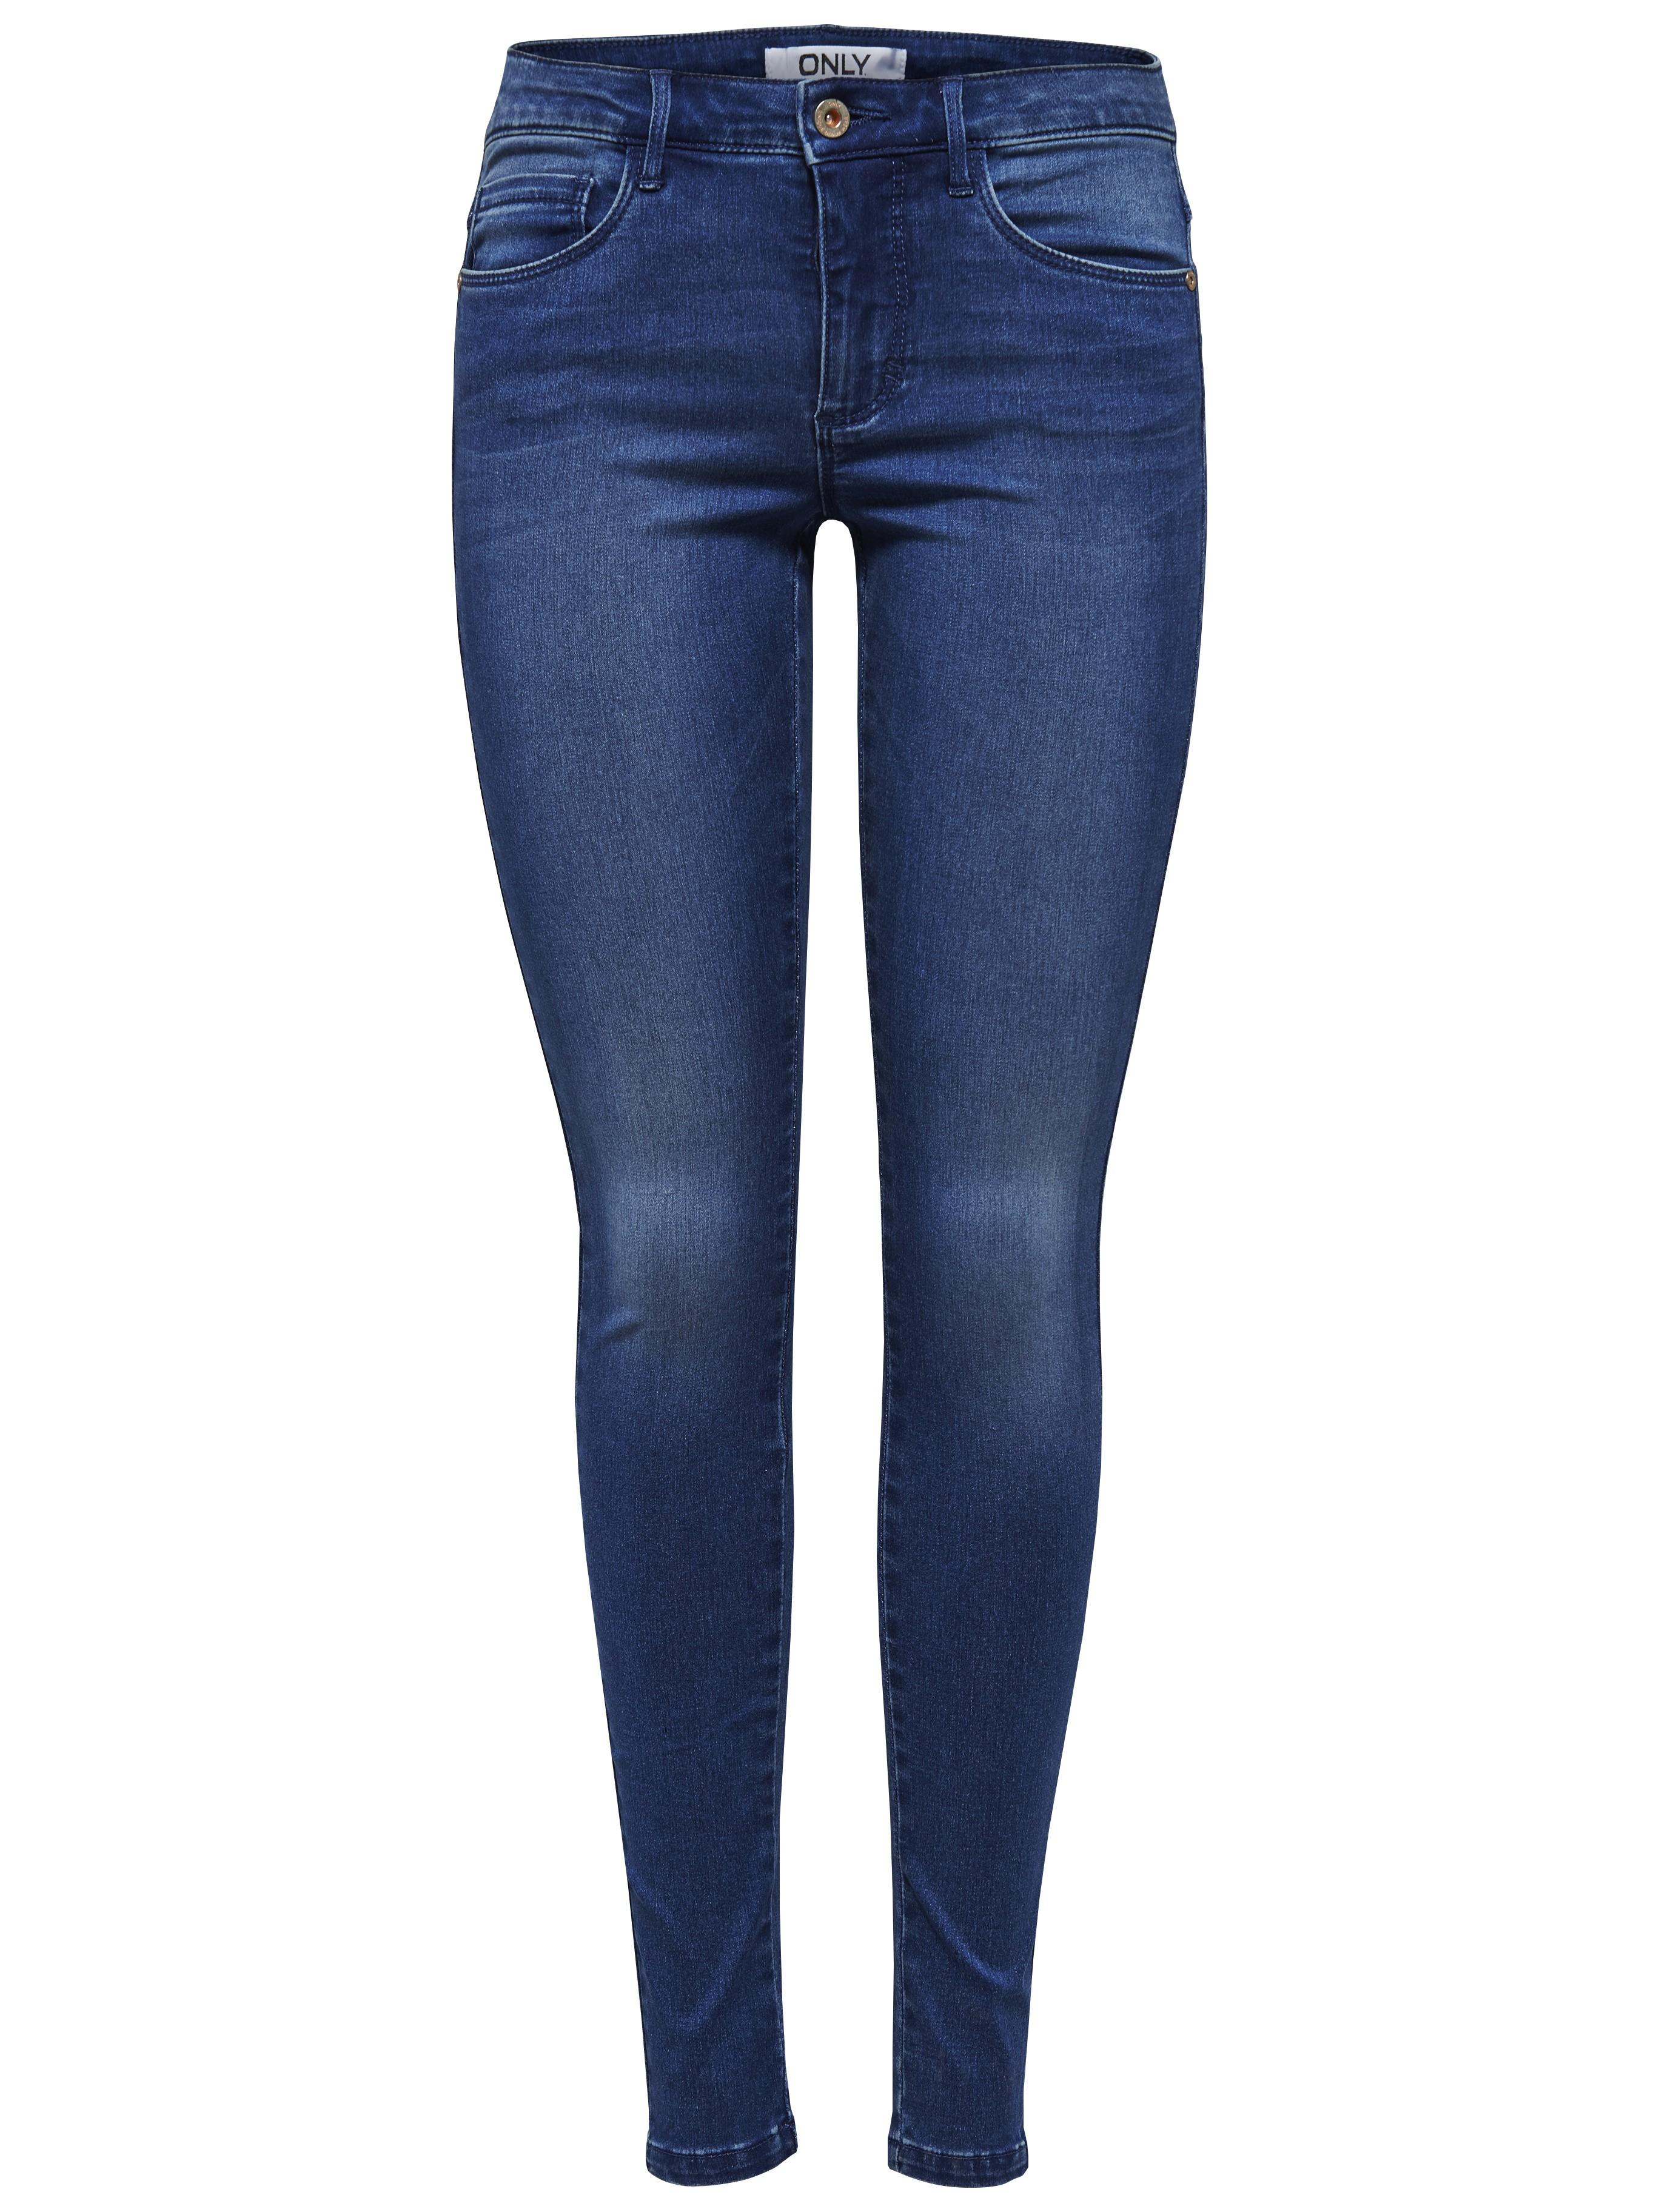 only damen jeans leggings onlroyal reg skinny pim 504 noos blau damen jeans skinny jeans. Black Bedroom Furniture Sets. Home Design Ideas